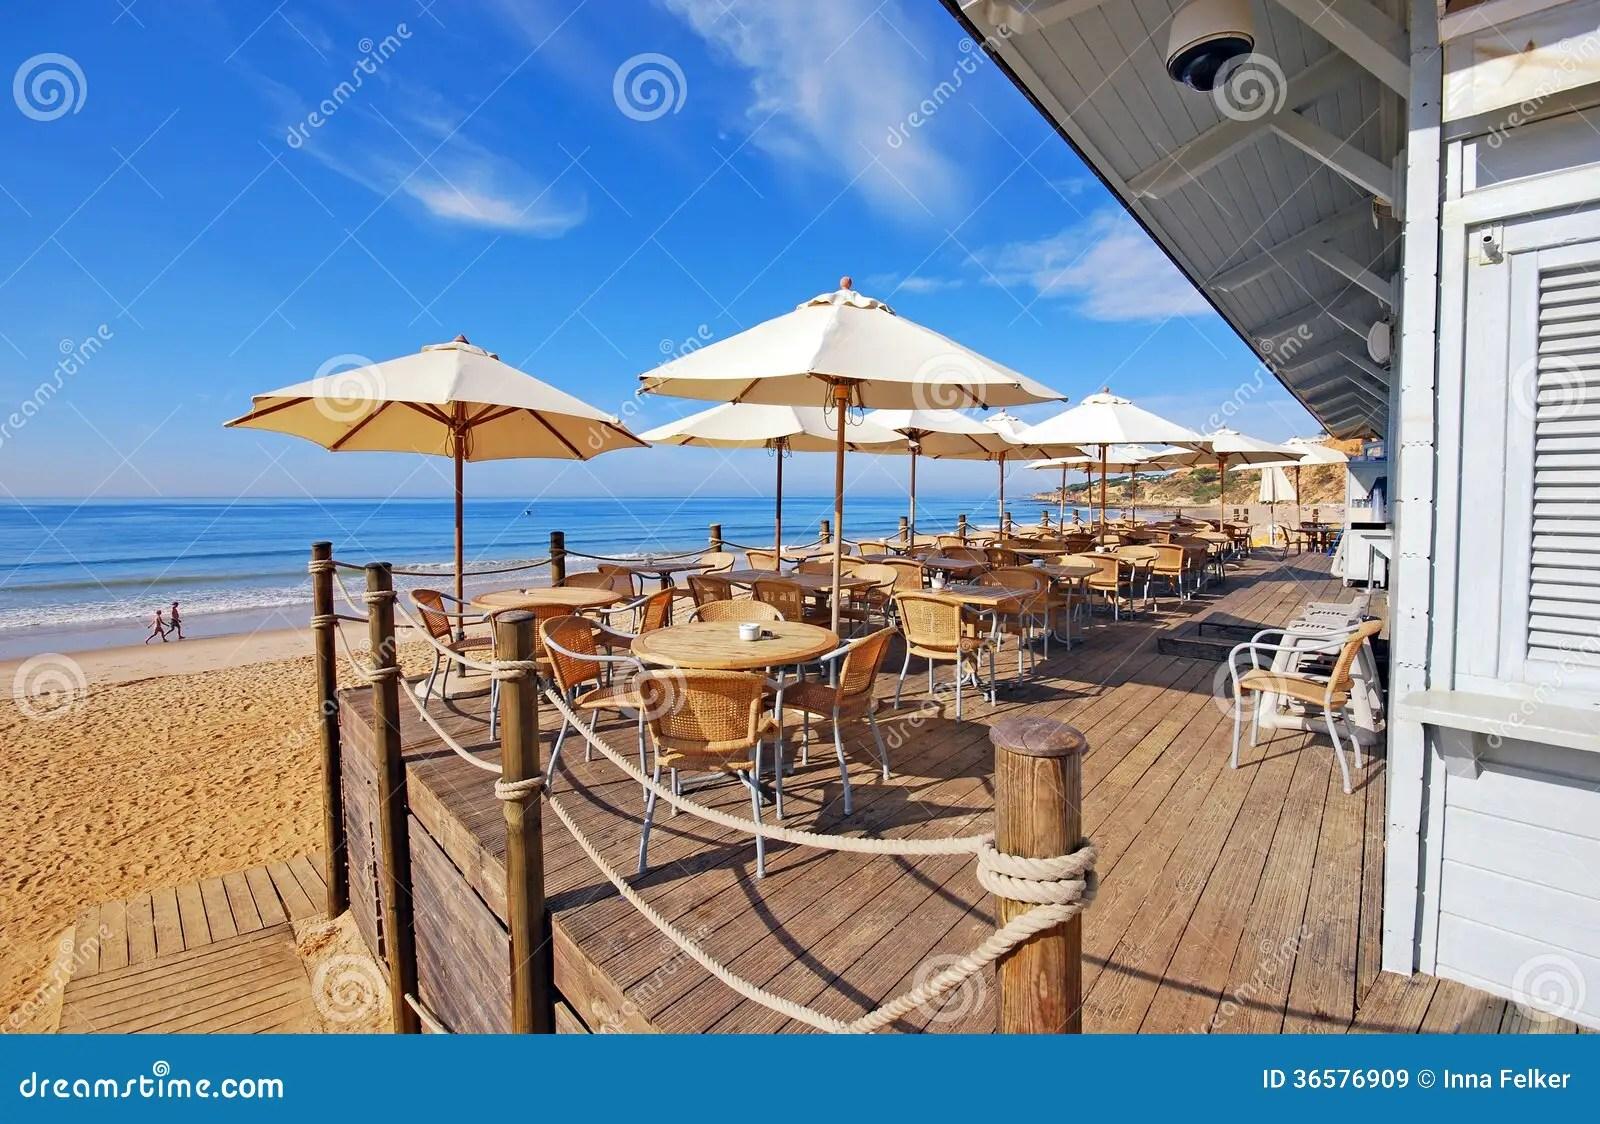 Caf Extrieur De Terrasse Sur La Plage De Sable Image